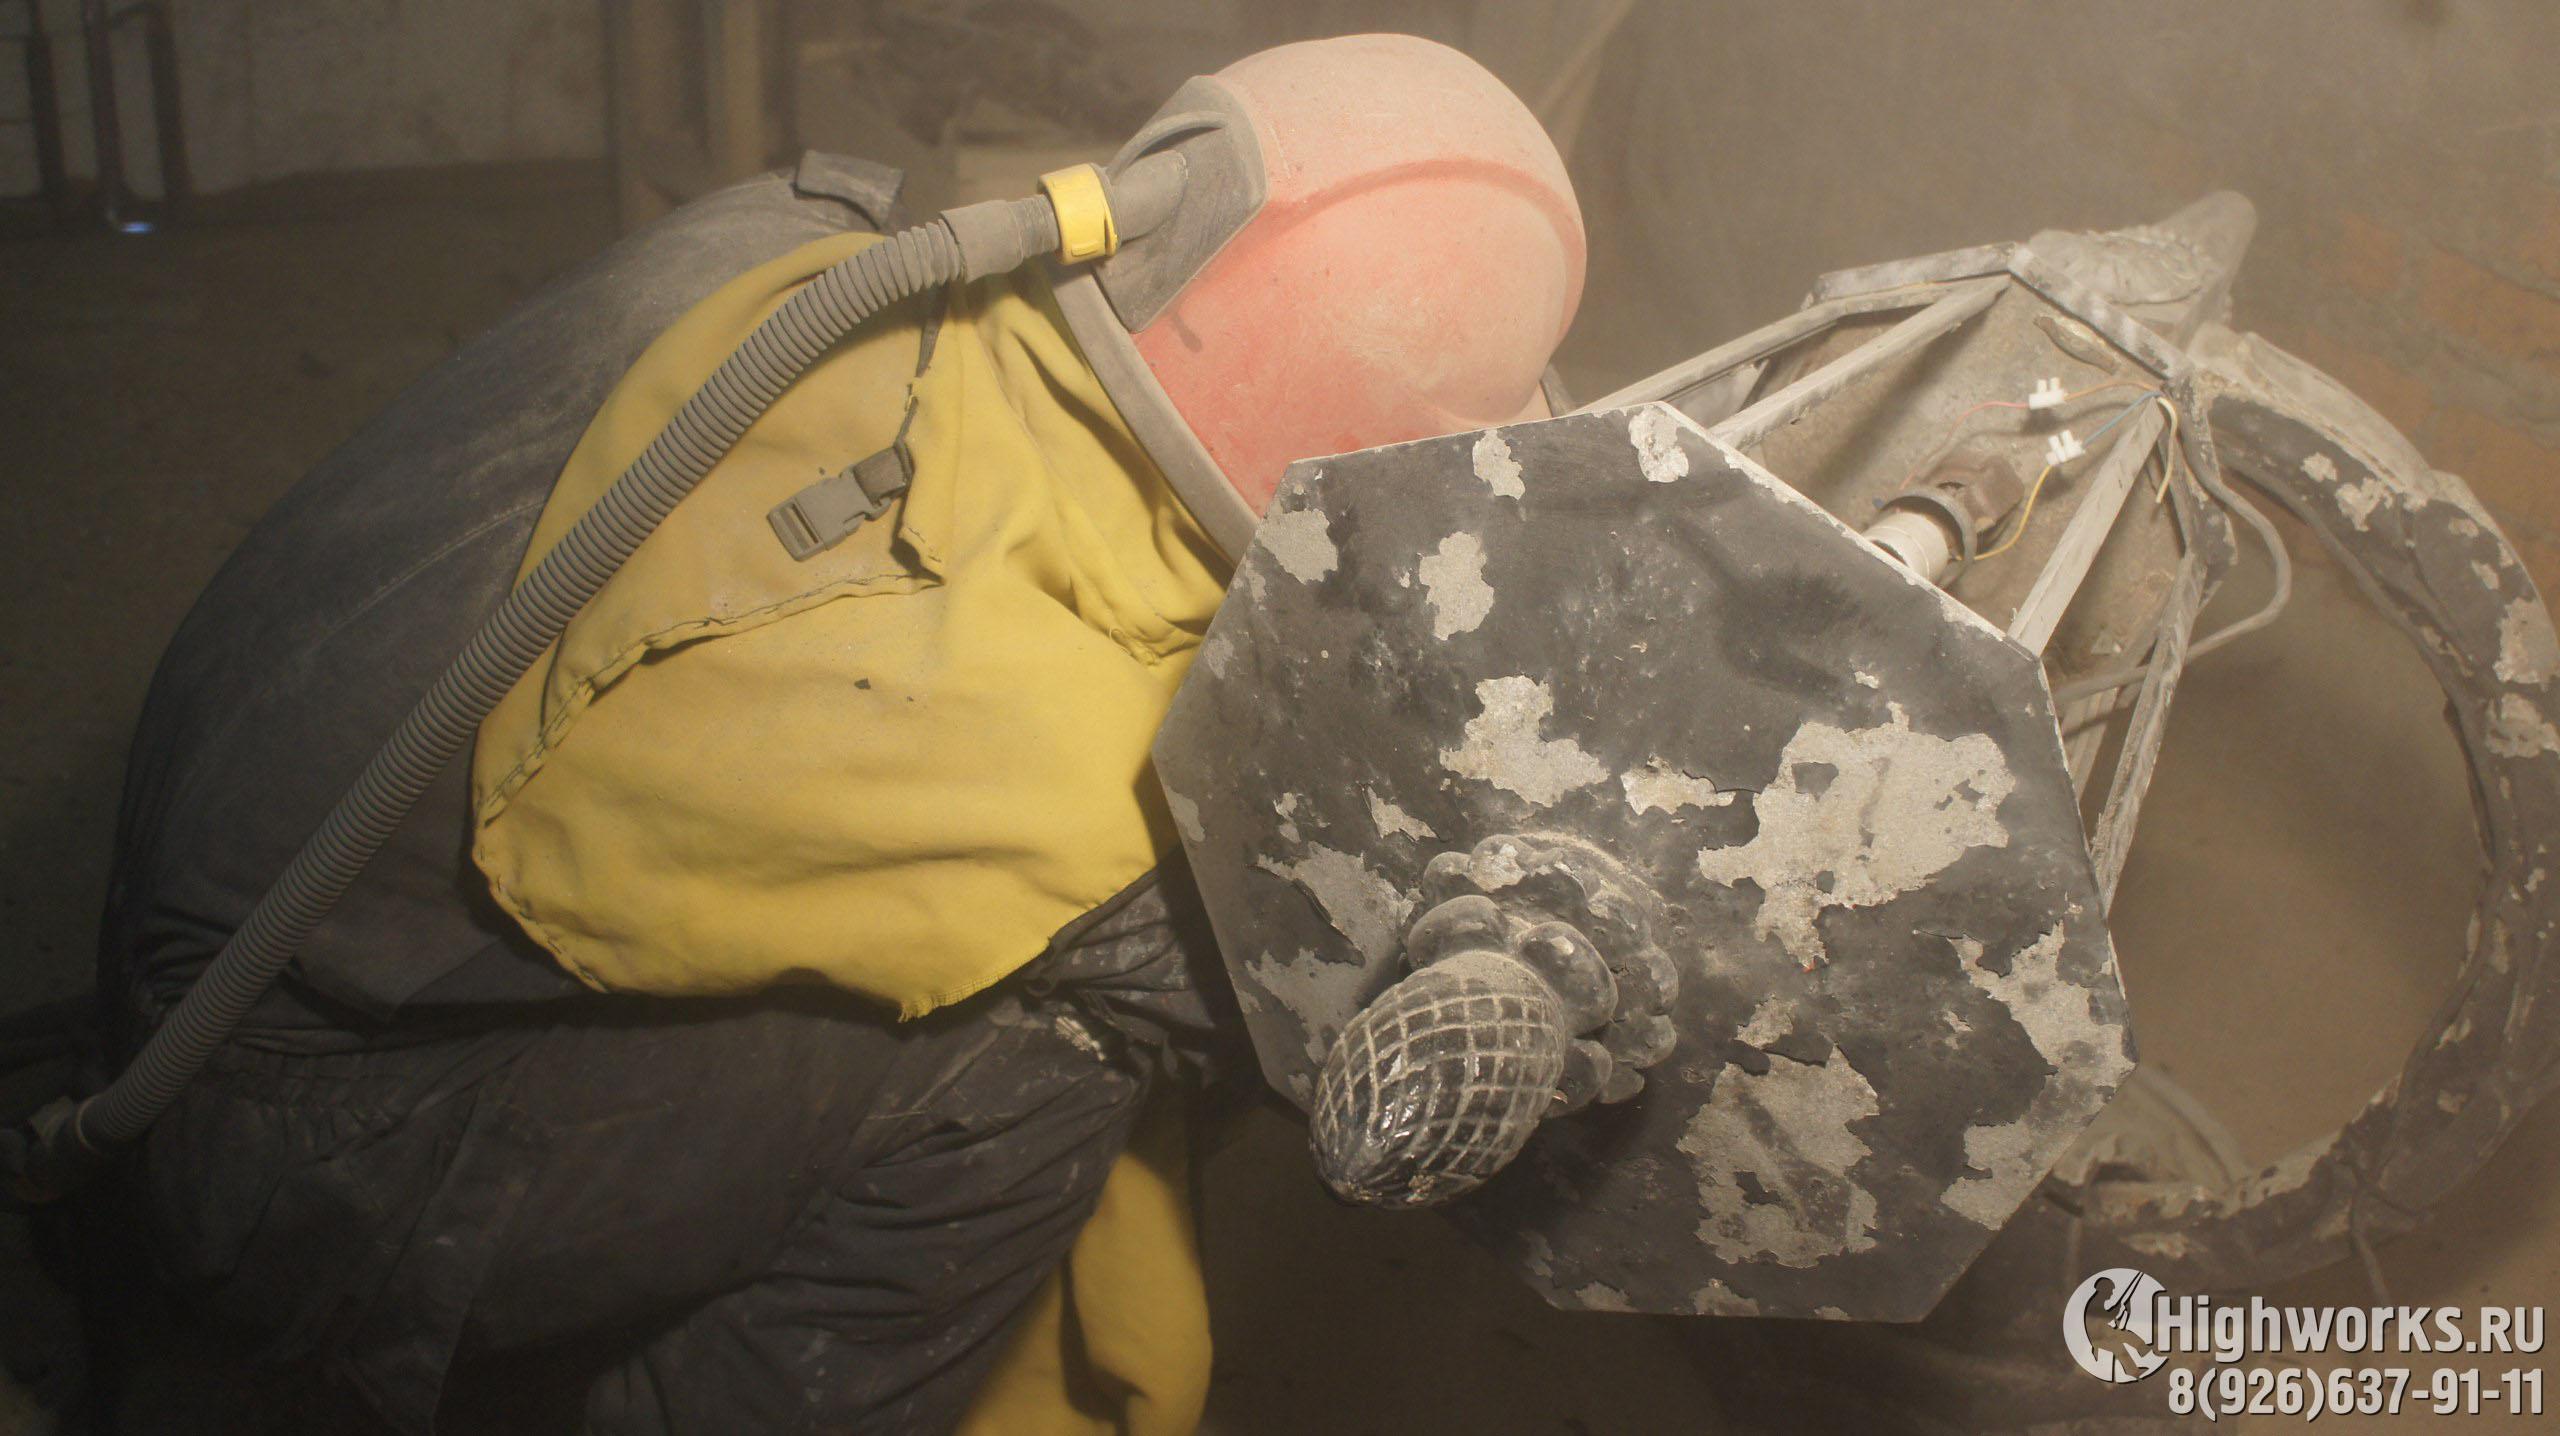 Реставрационные работы промышленными альпинистами